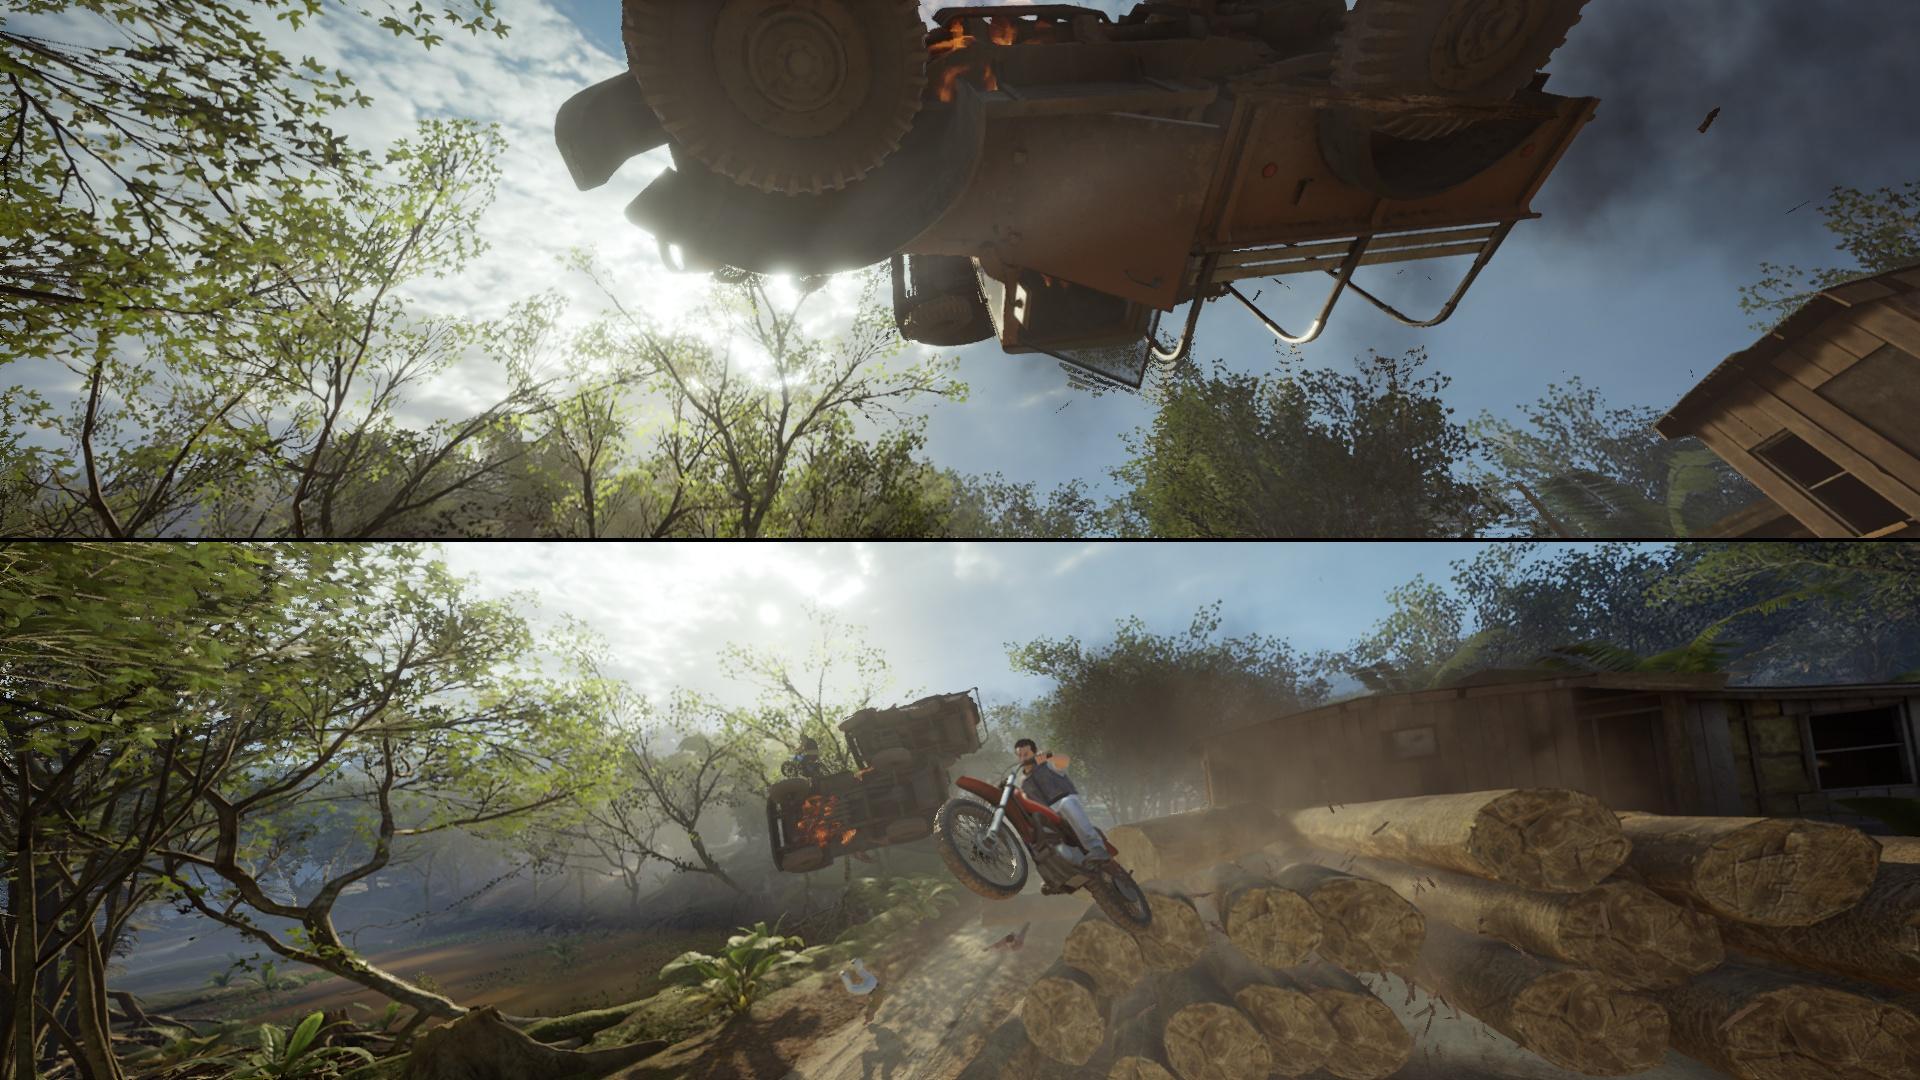 Ce n'est pas forcément très clair à l'arrêt, alors imaginez que sur cette image, deux motos, chacune poursuivie par une jeep, se croisent au ralenti et que les deux voitures rentrent l'une dans l'autre et explosent, pendant que nous-mêmes explosons de rire devant l'écran.